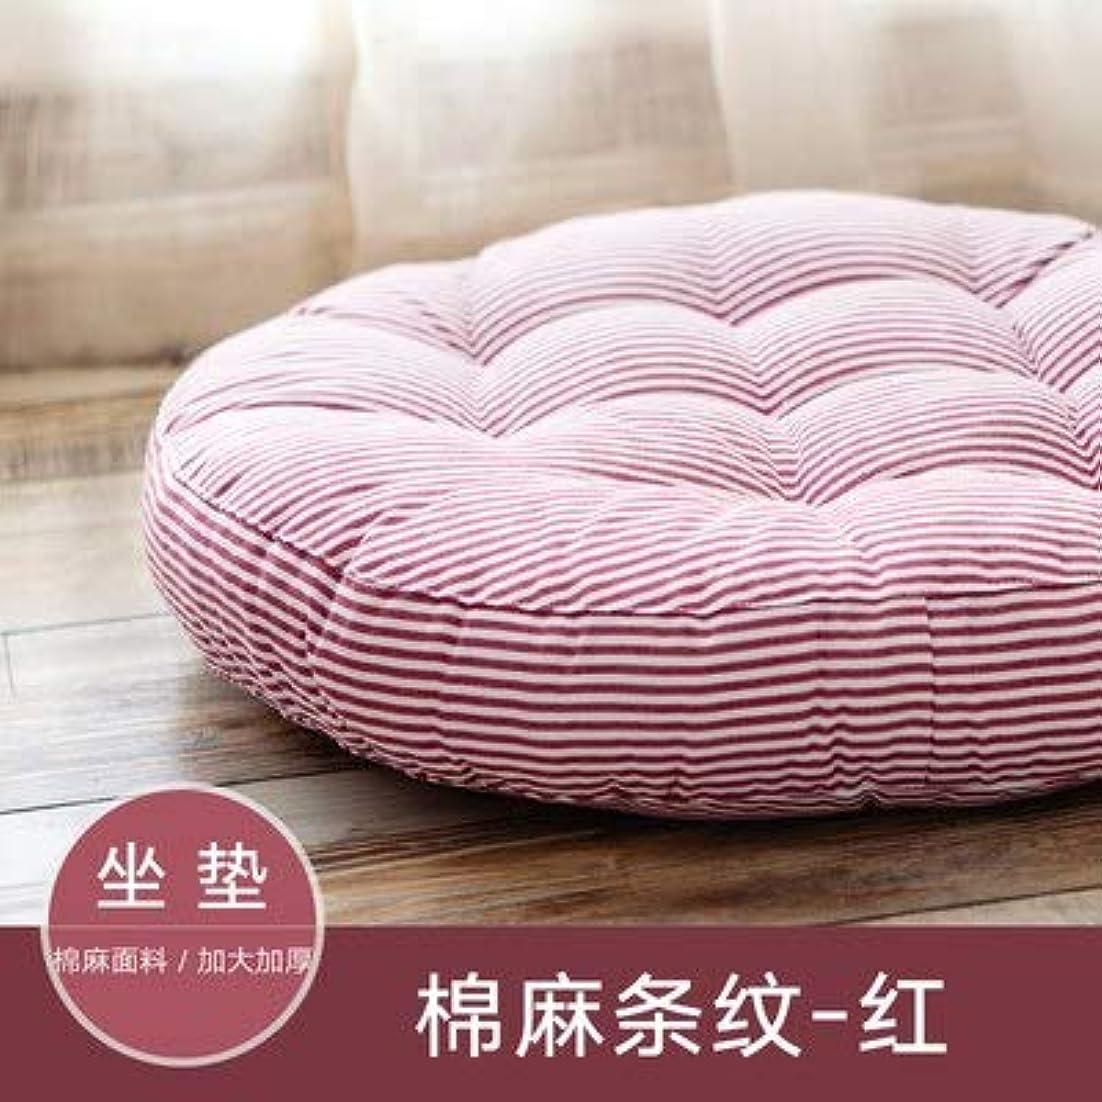 感心する胚胚芽LIFE ラウンド厚い椅子のクッションフロアマットレスシートパッドソフトホームオフィスチェアクッションマットソフトスロー枕最高品質の床クッション クッション 椅子